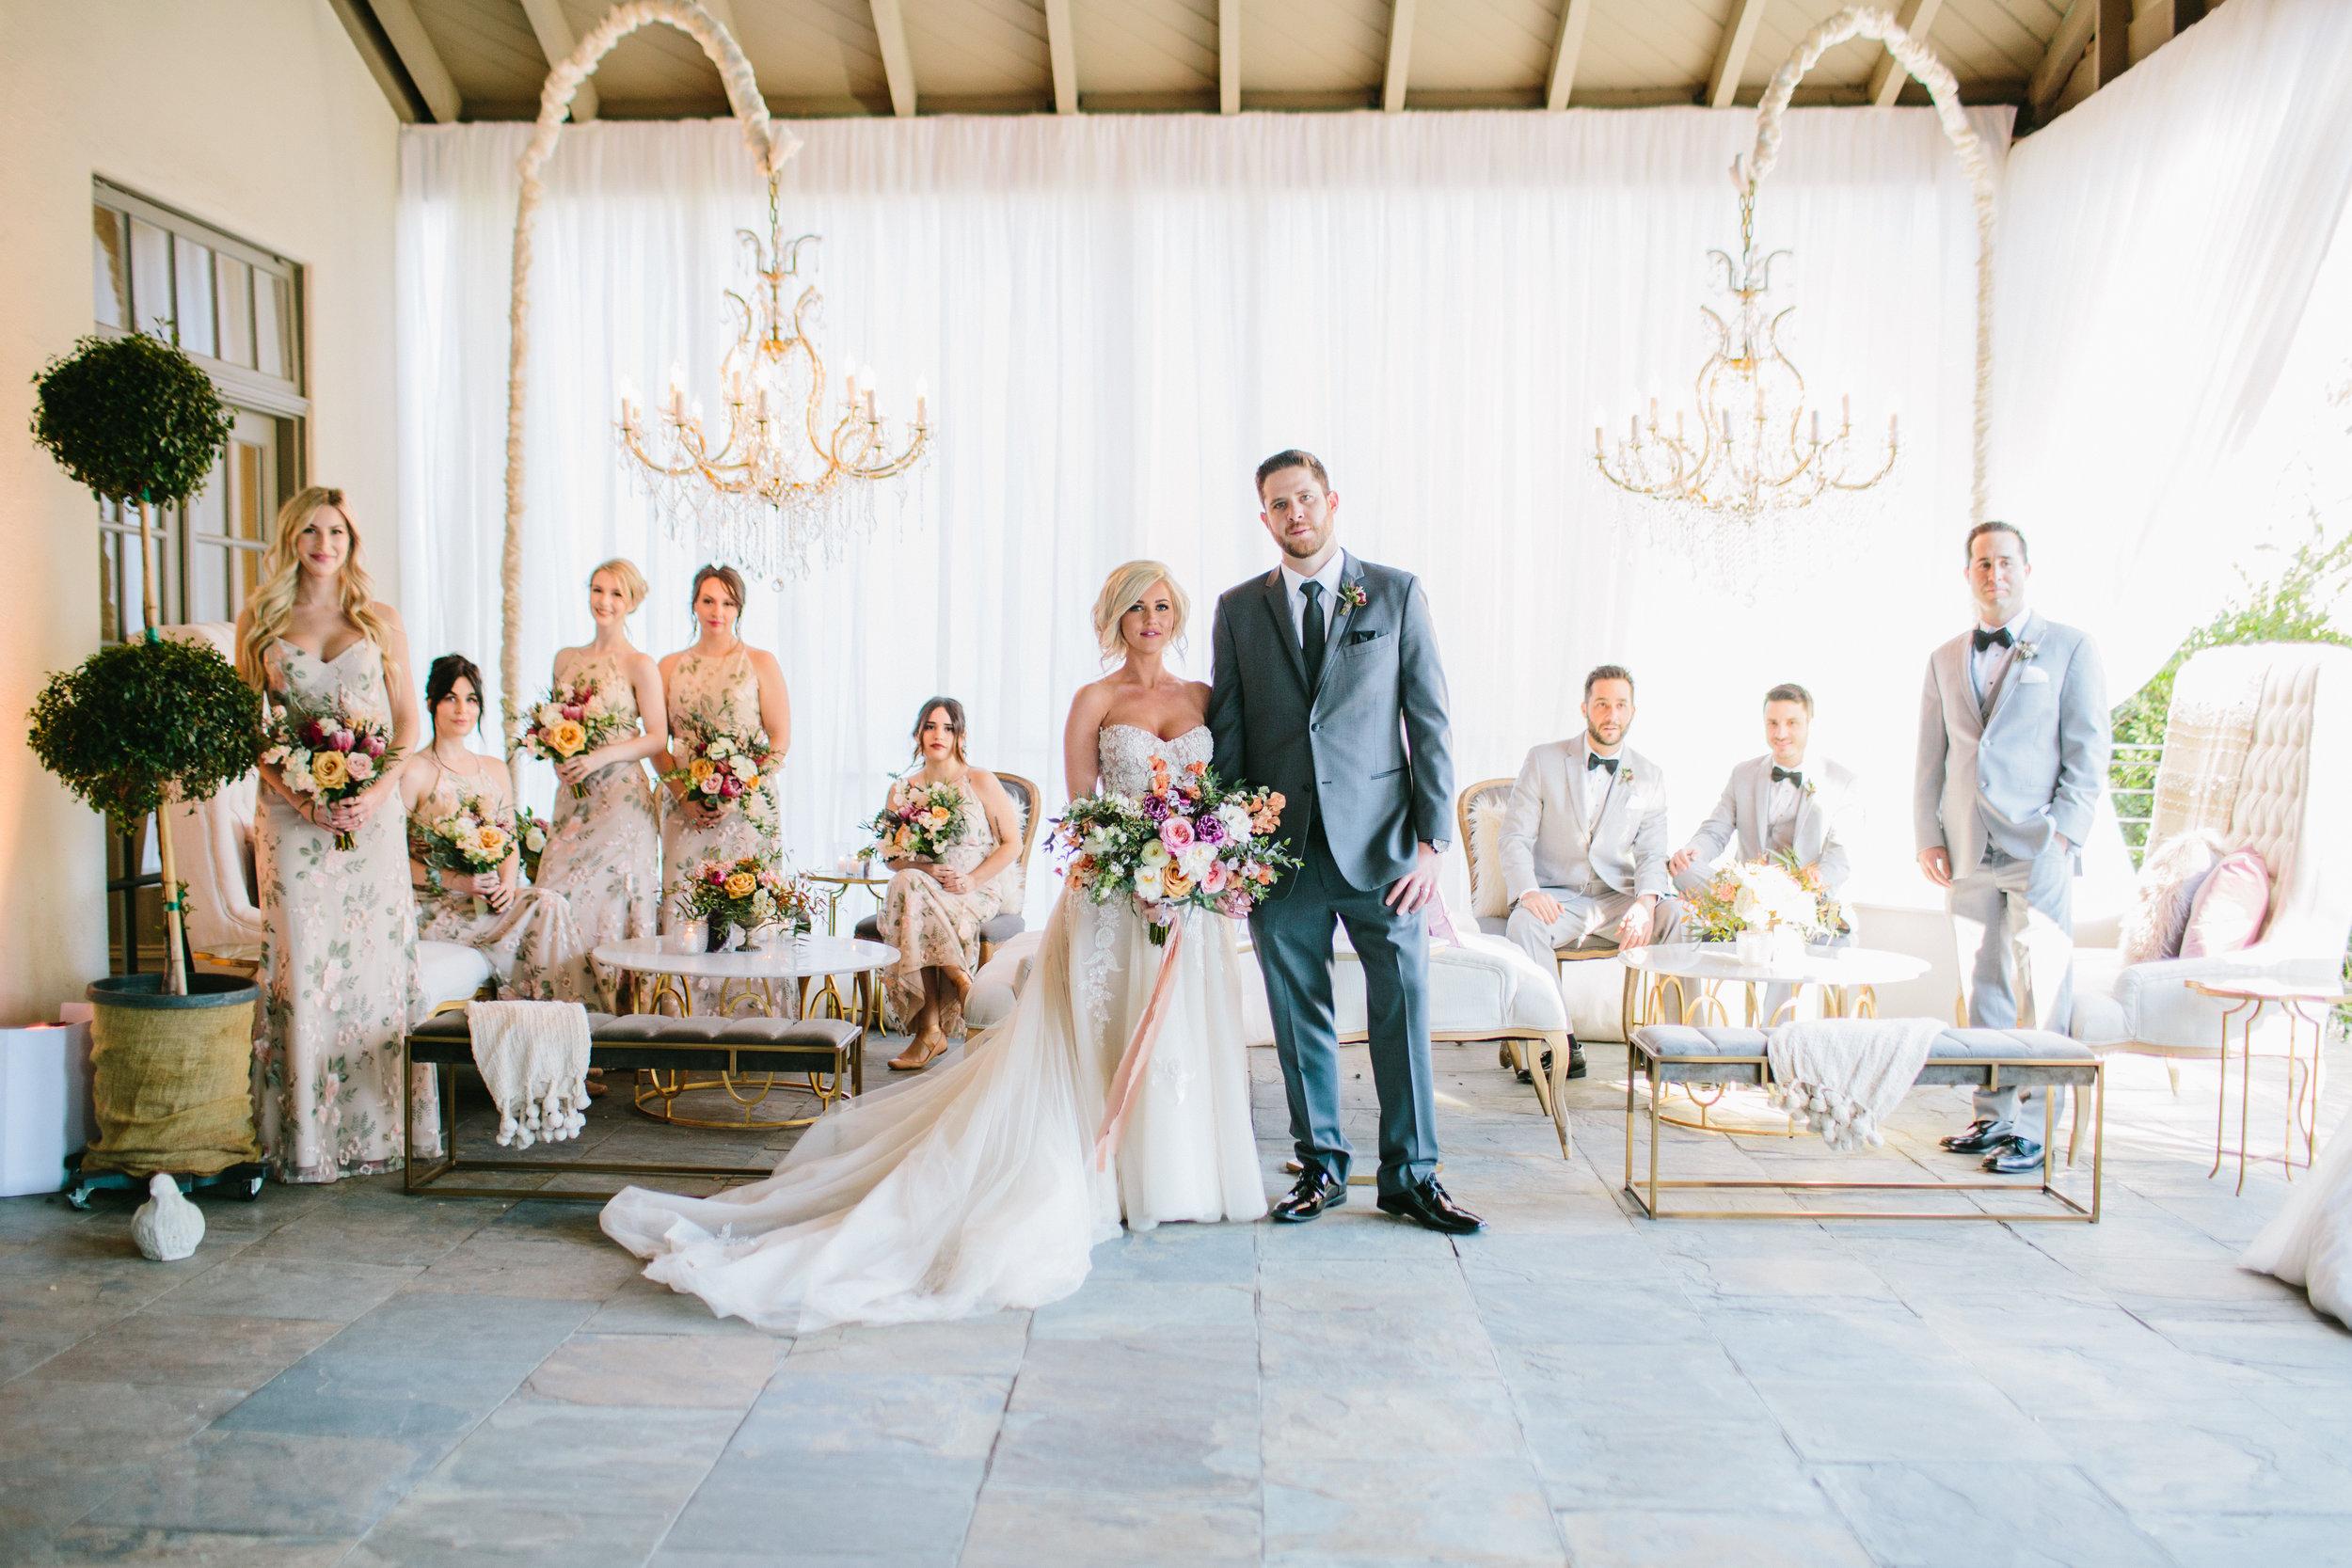 tamiandroy-married-258.jpg